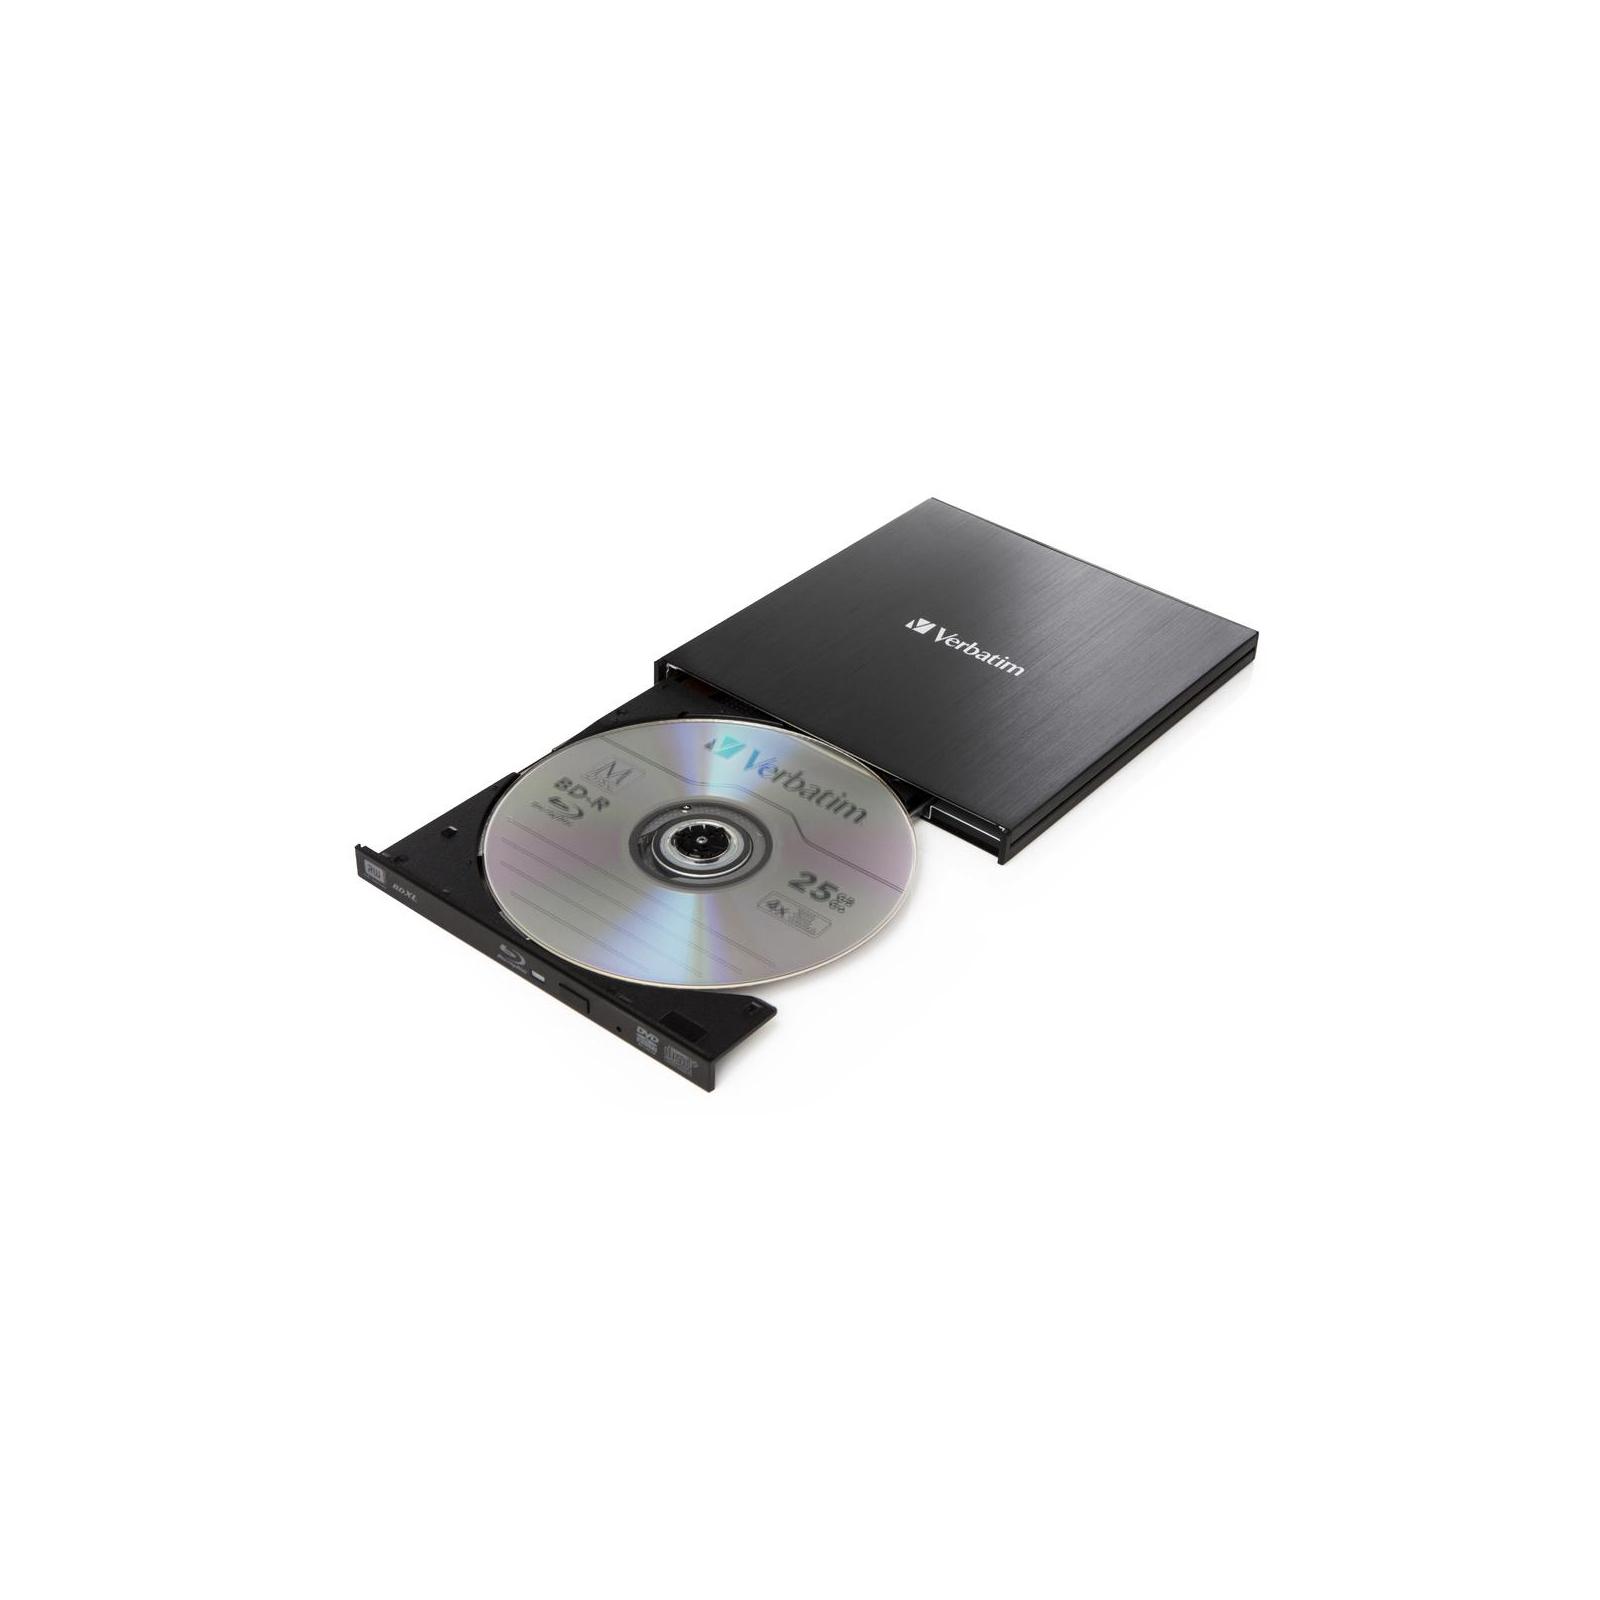 Оптический привод DVD-RW Verbatim 43890 изображение 2